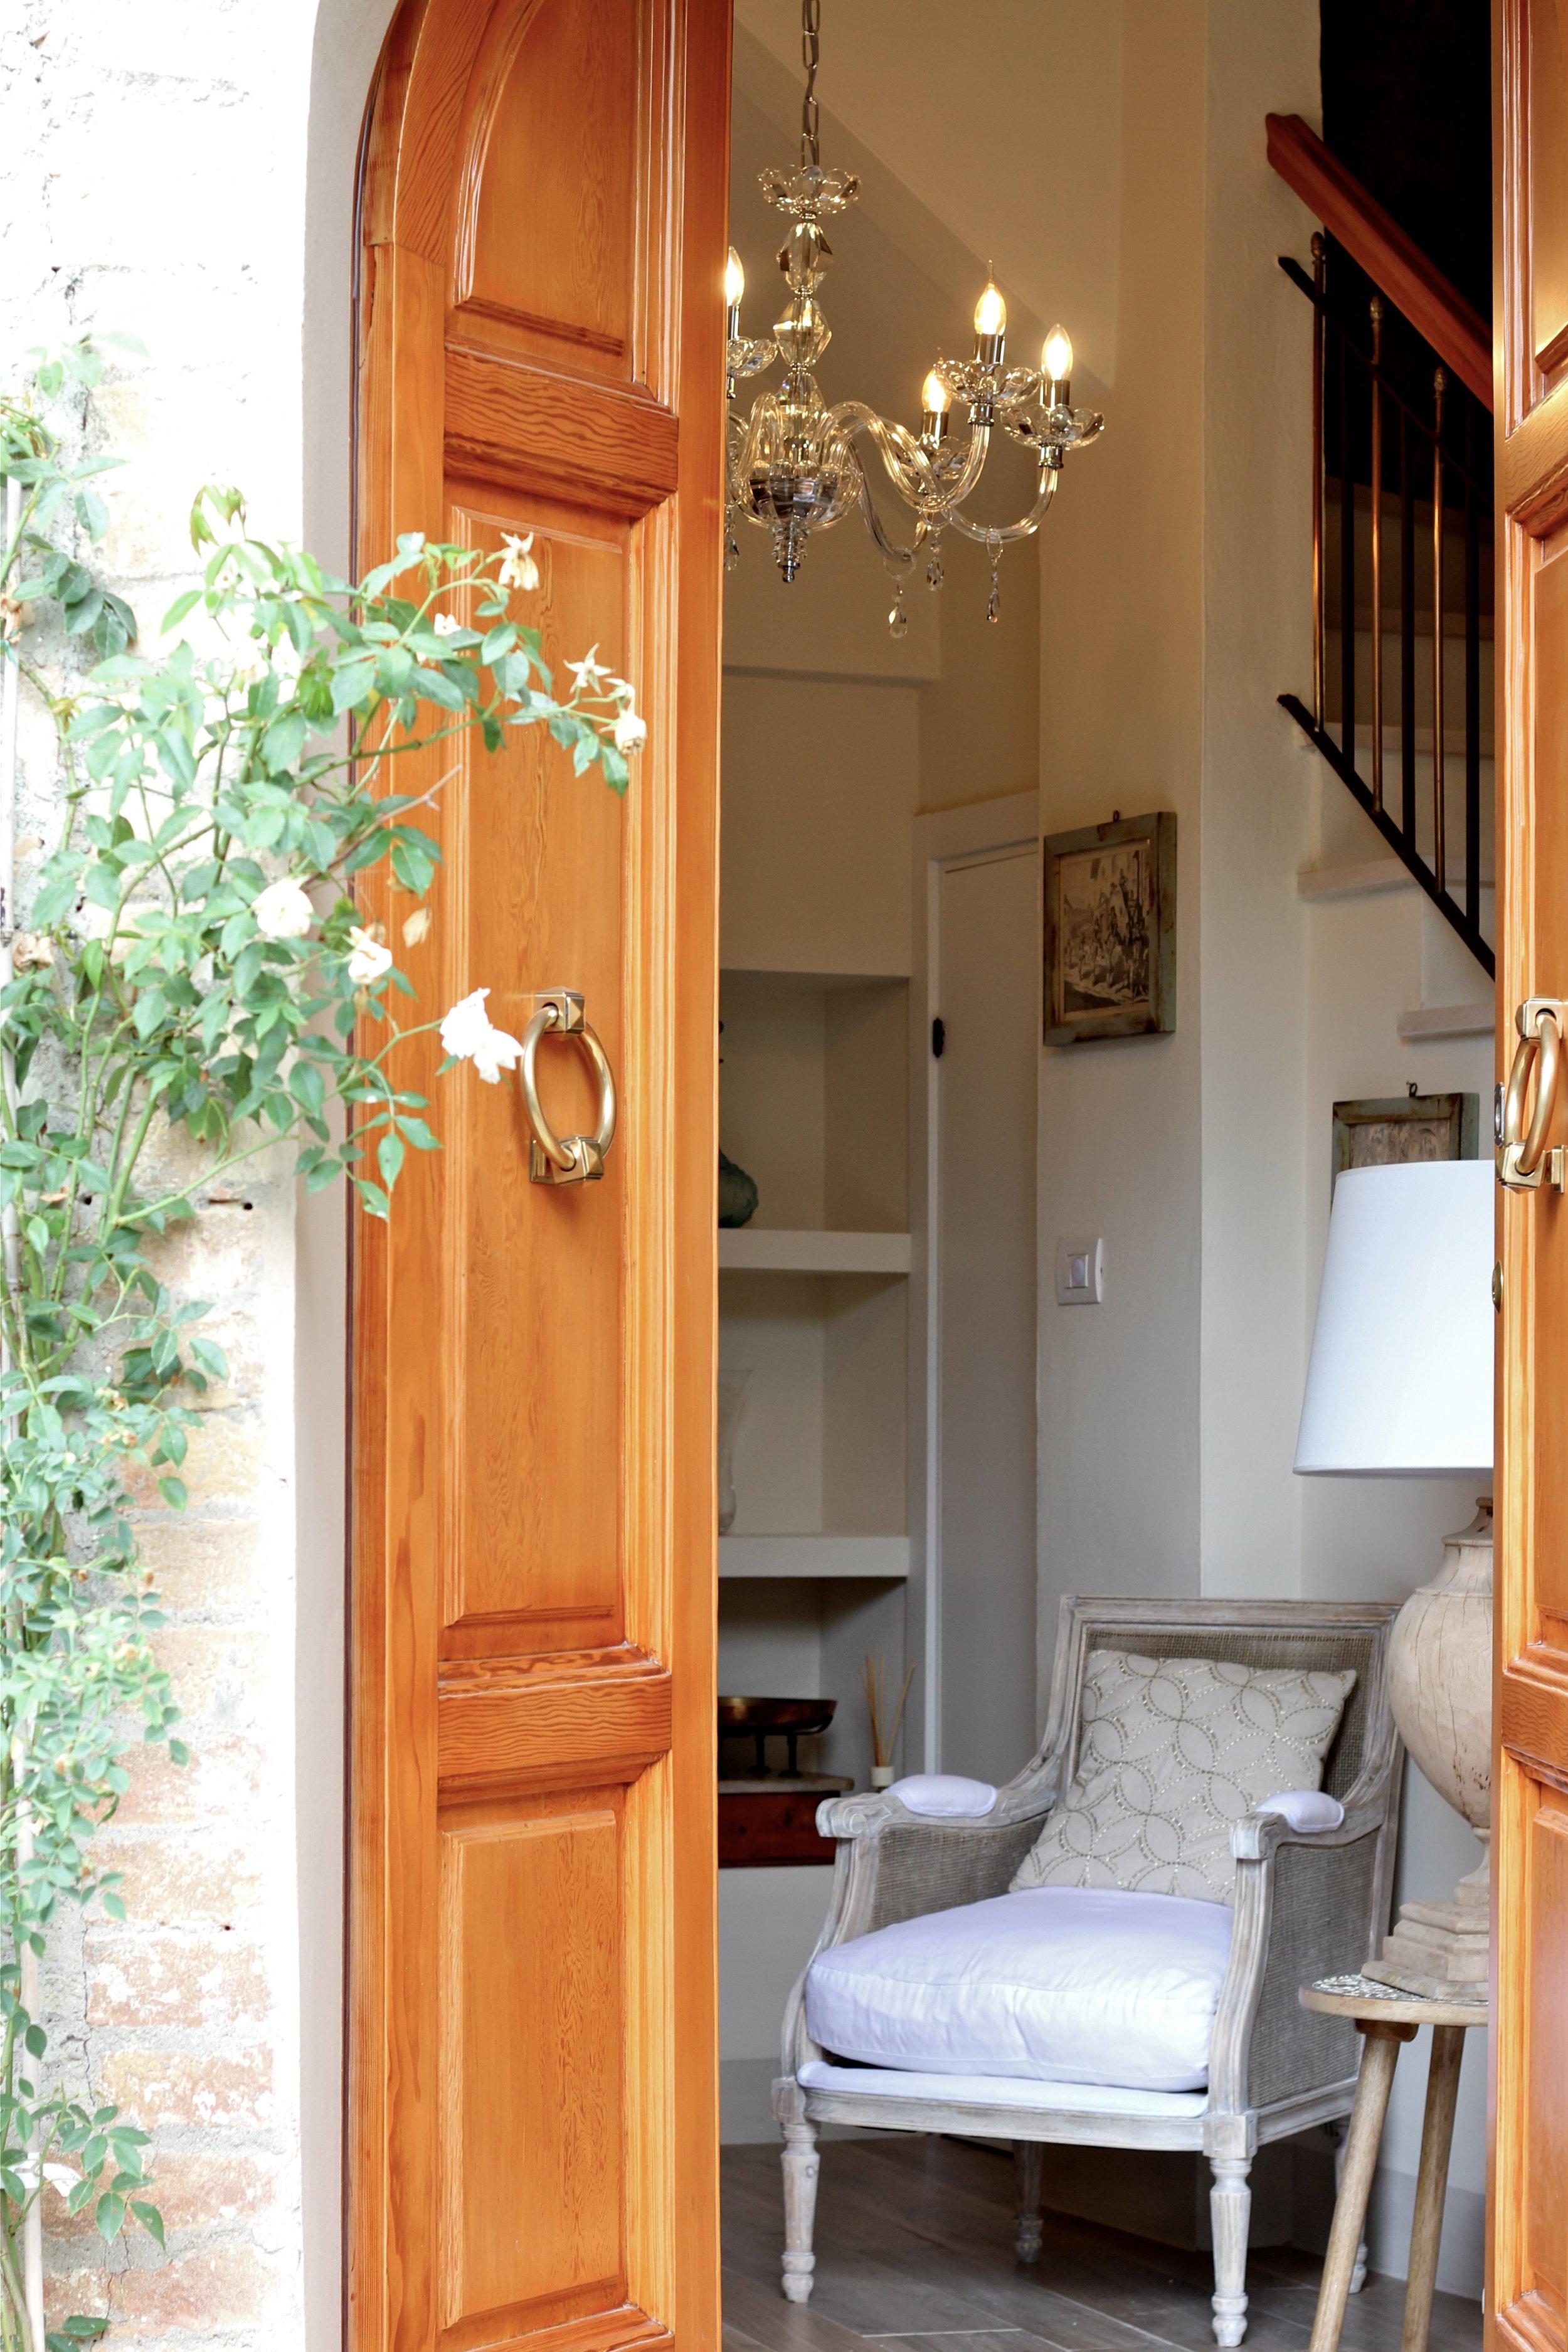 Il Borghetto Holiday Apartment, Montalcino, Tuscany, Italy.